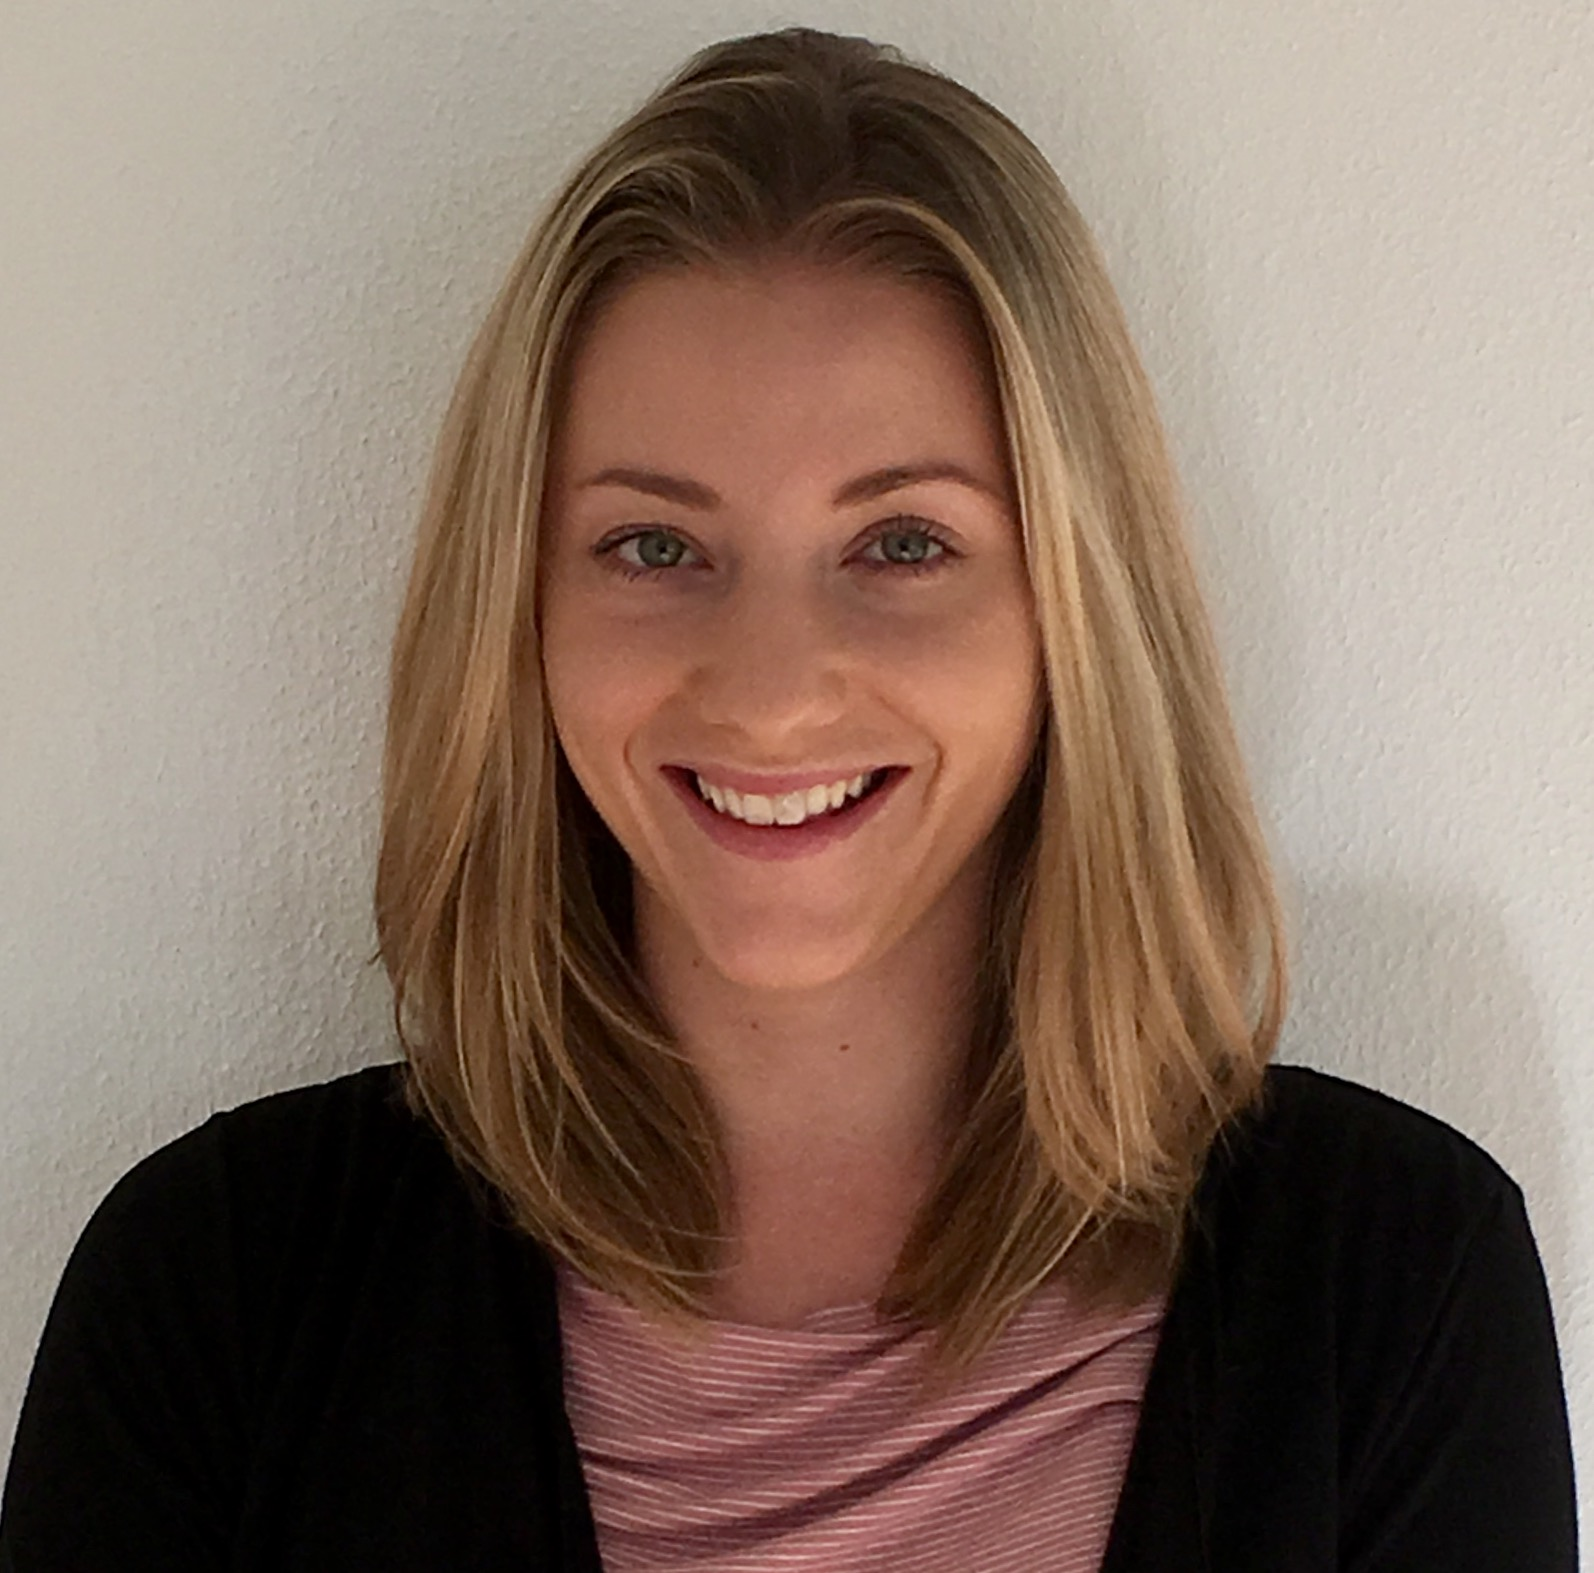 Sarah Kühne